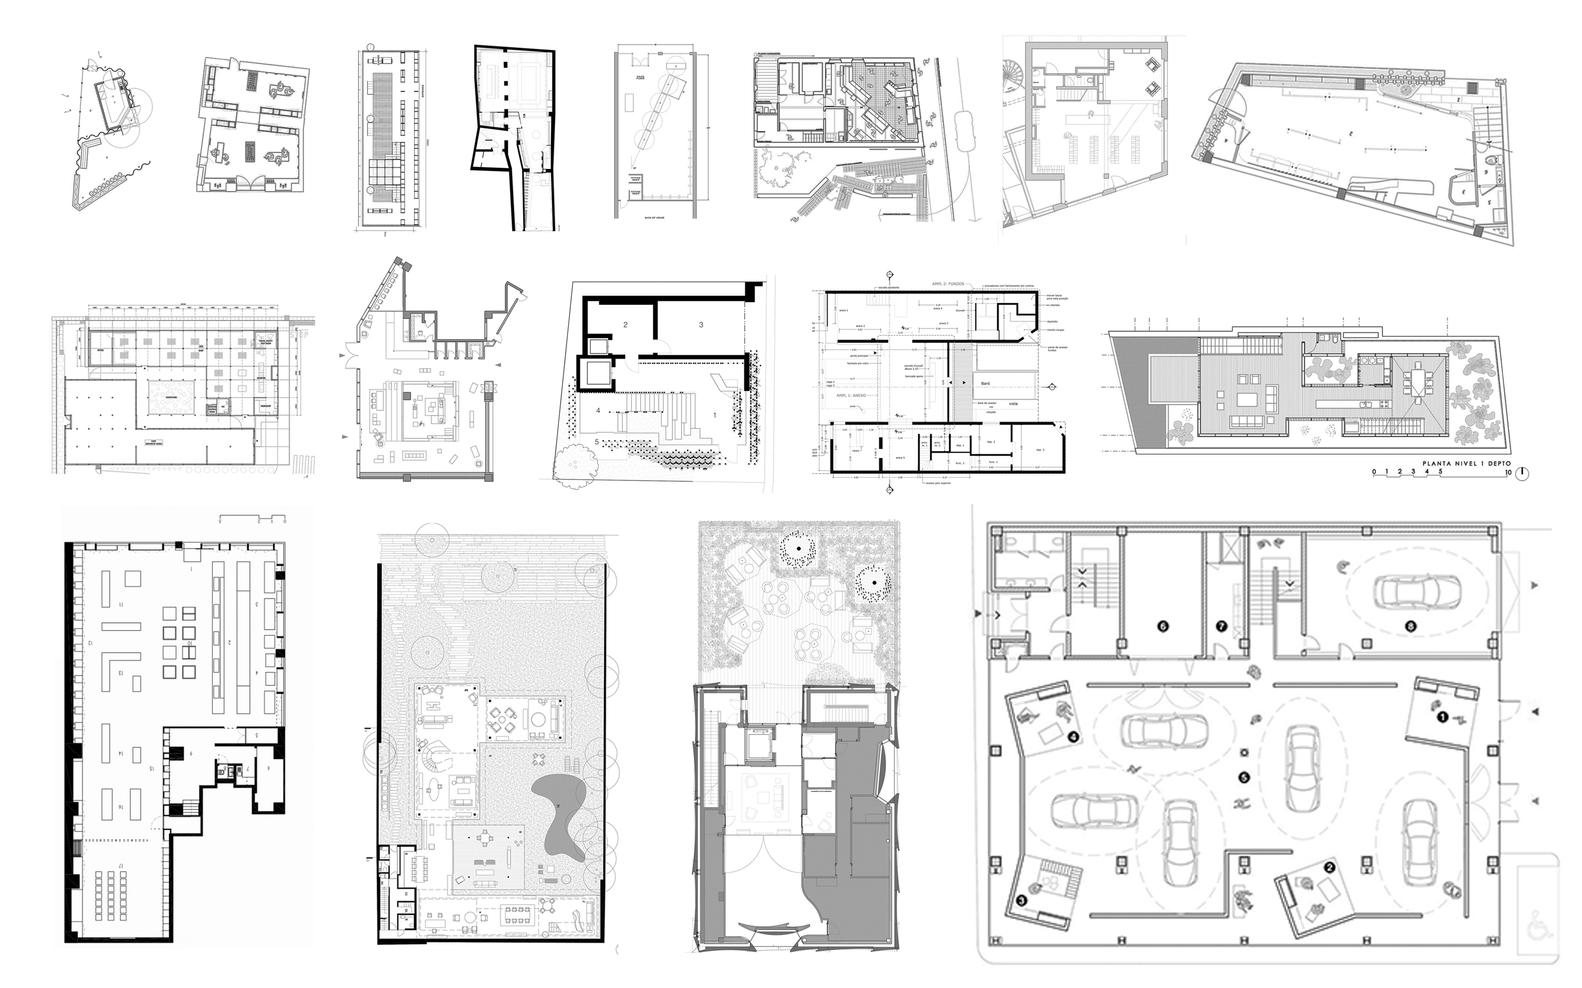 پلان فروشگاه های تجاری با مساحت 100 تا 1000 متر مربع - architectural plan retail shop 51